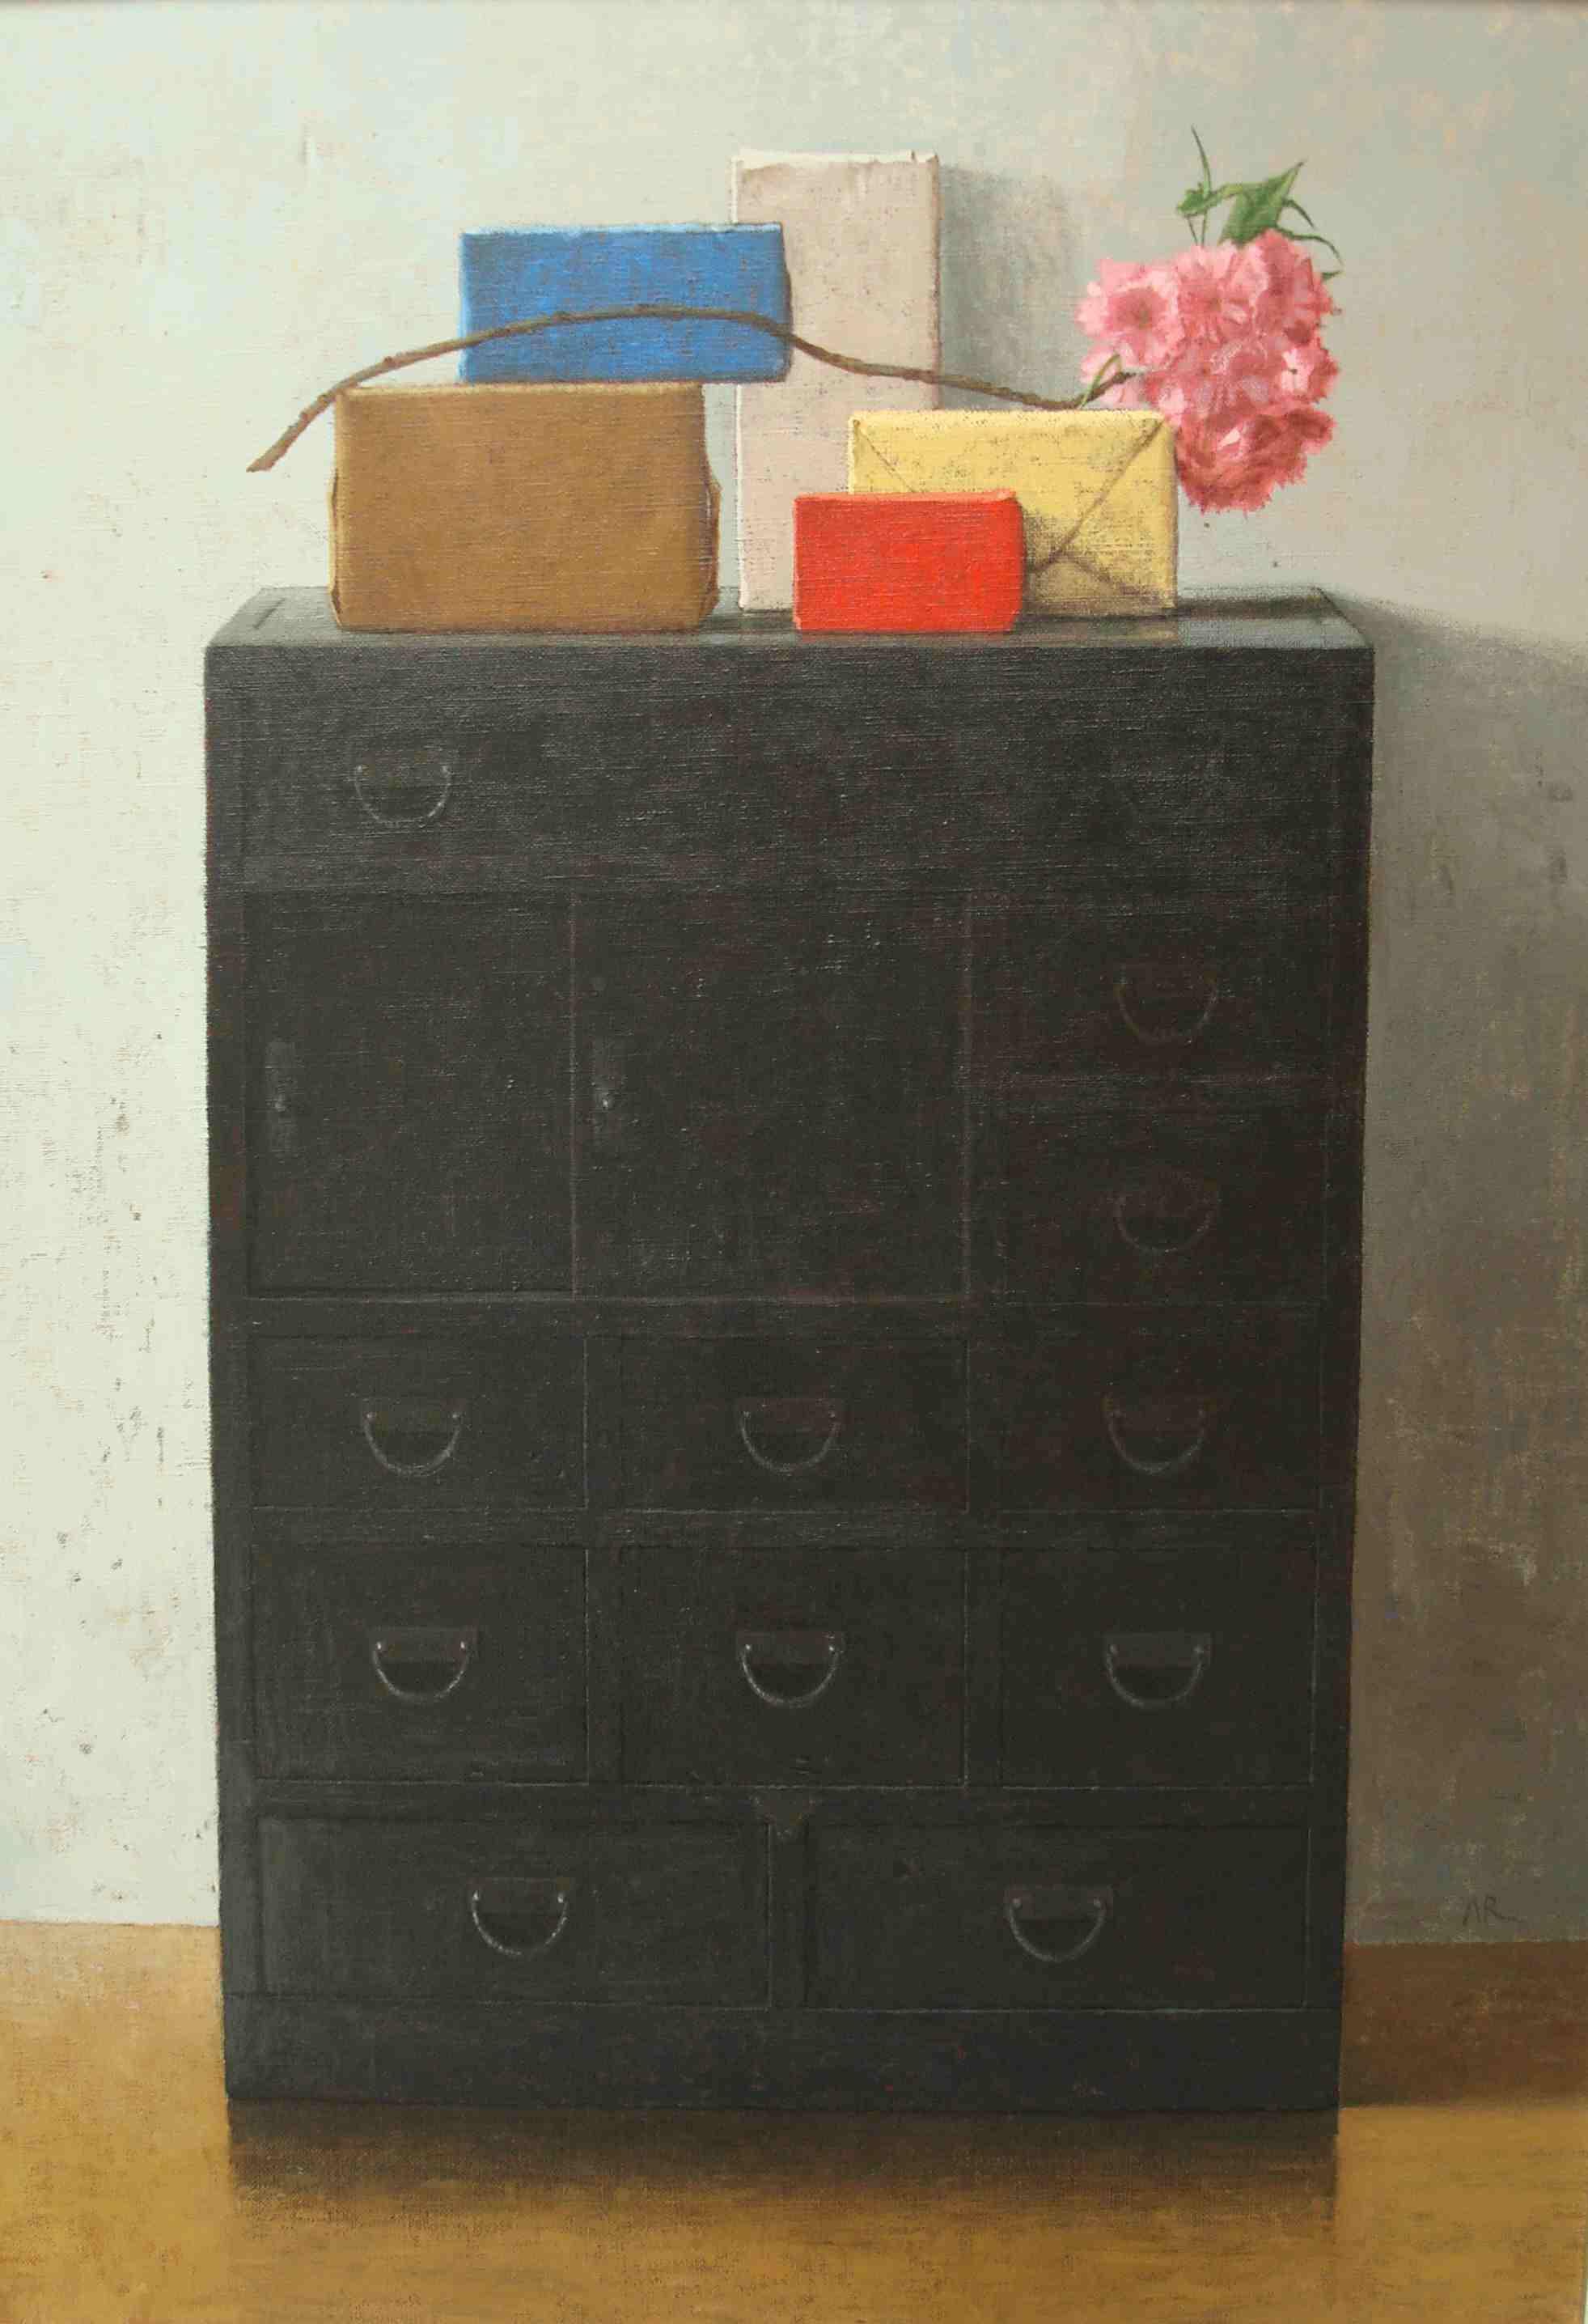 Adolfo ramon  bloesem op kast  acryl op linnen  105 x 75 cm.  e. 2900 00